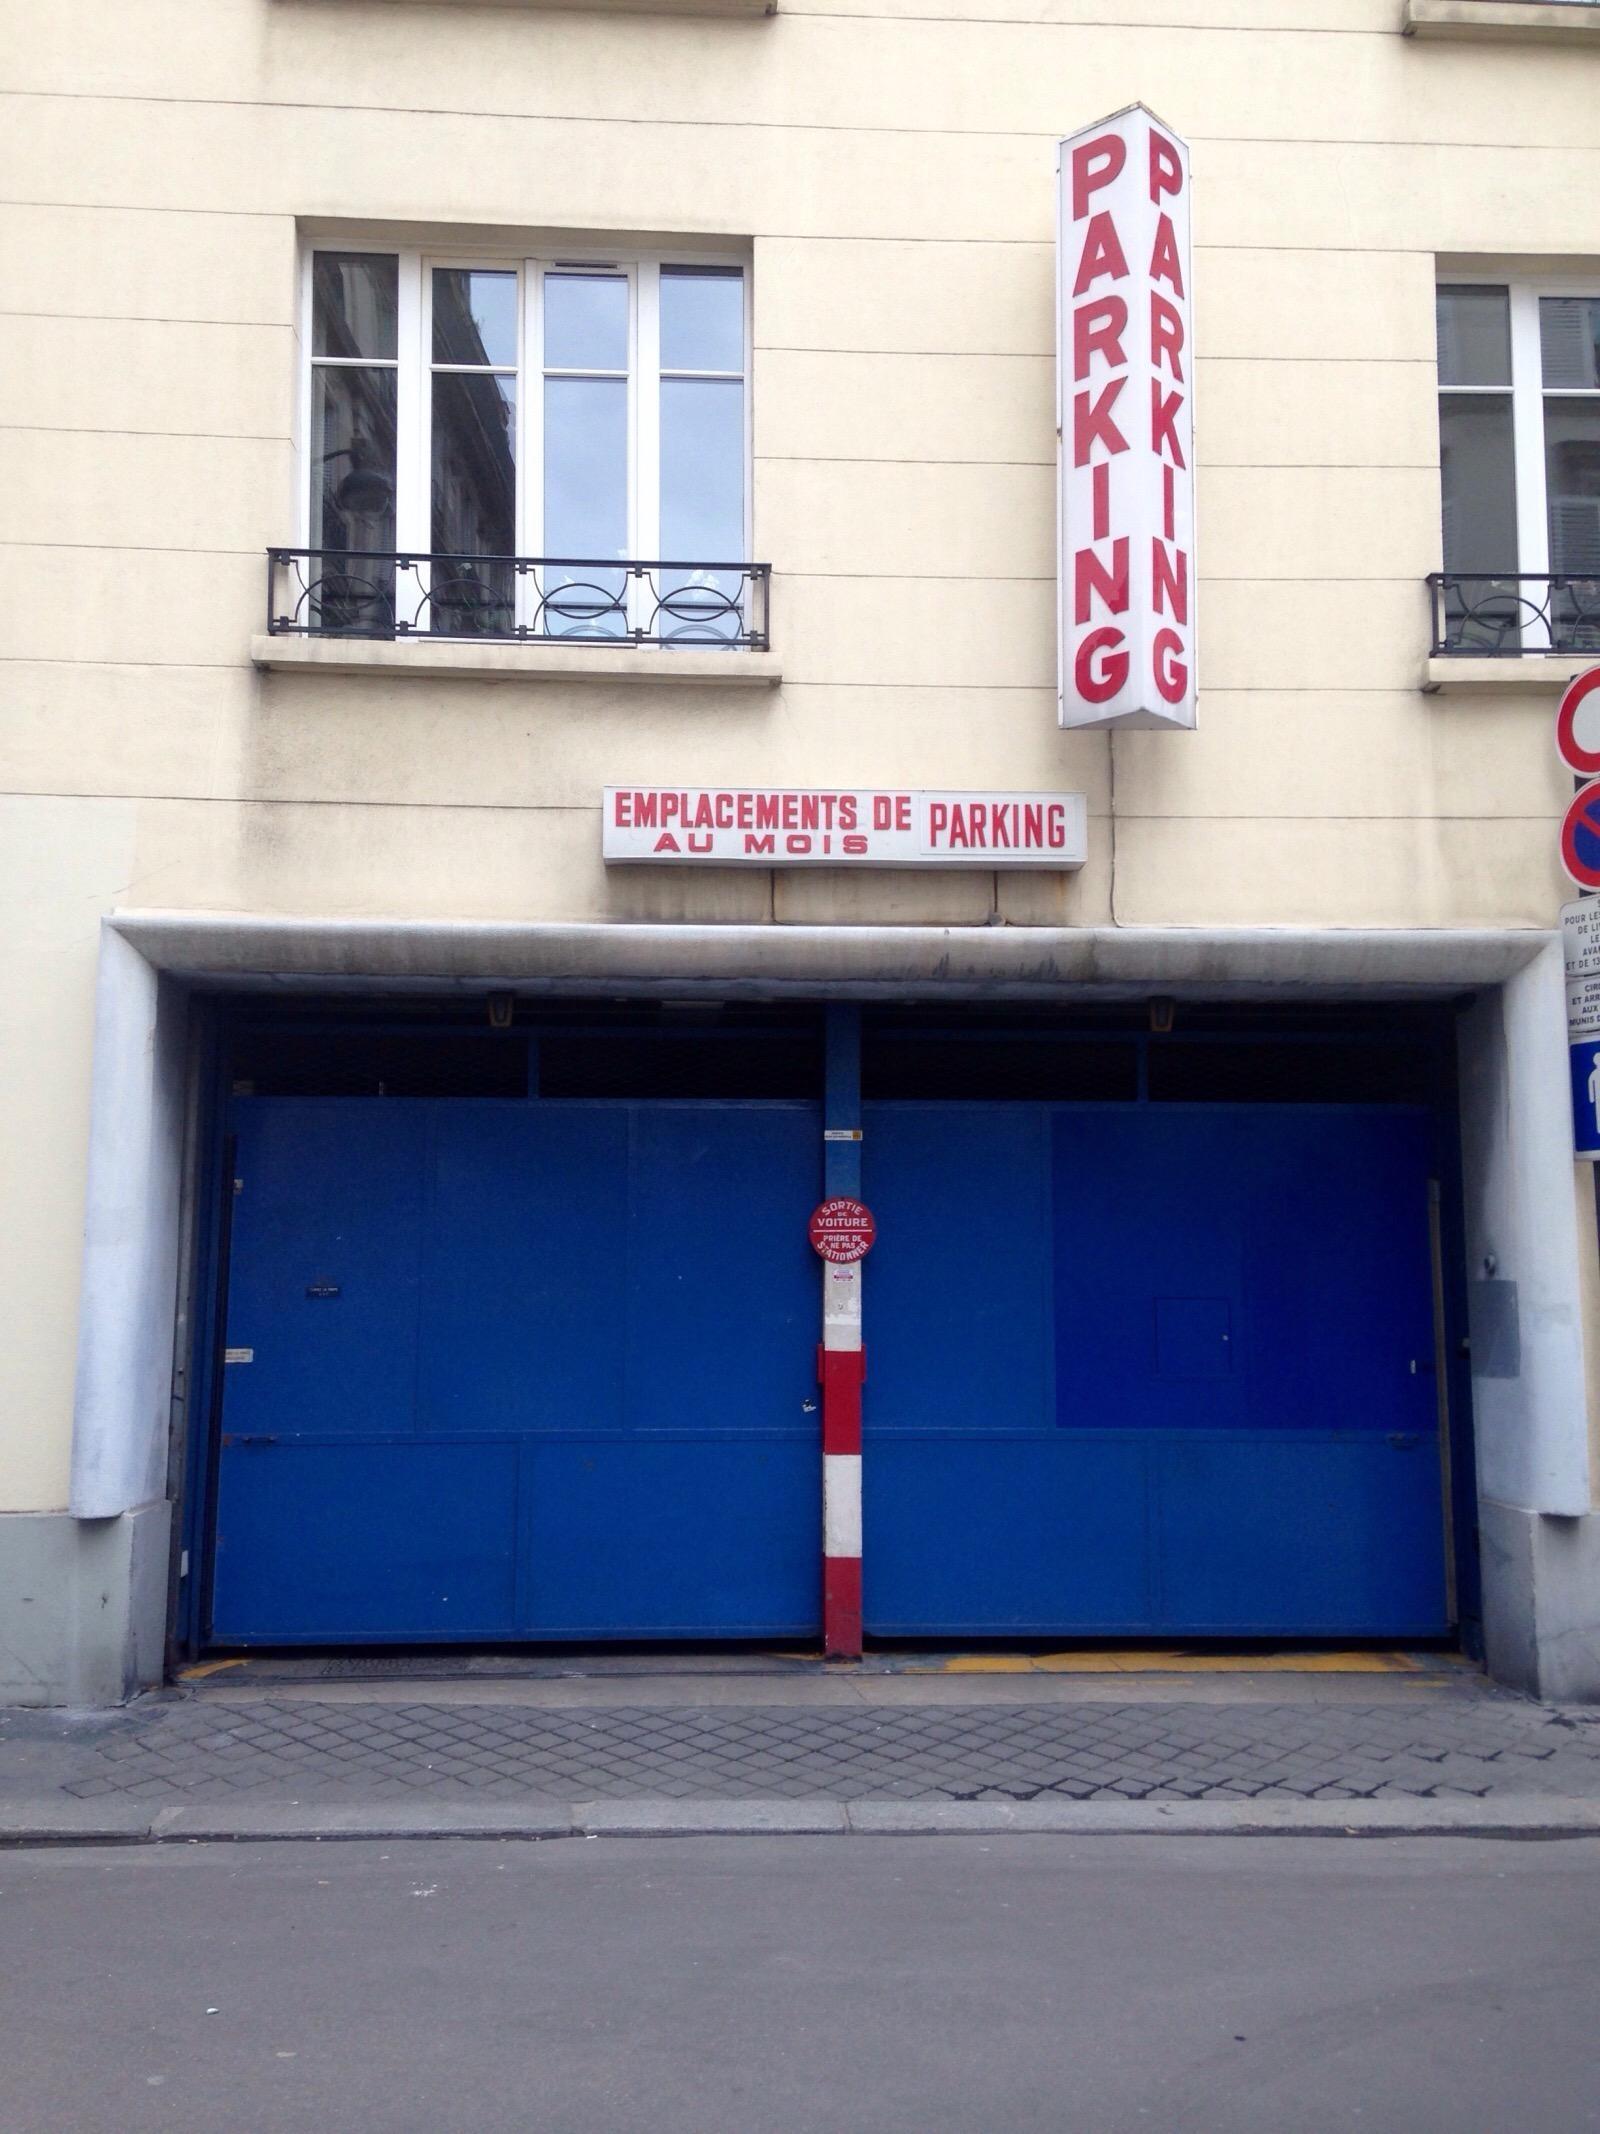 13 rue lebouteux garage parking in paris parkme for Garage mercedes paris 13